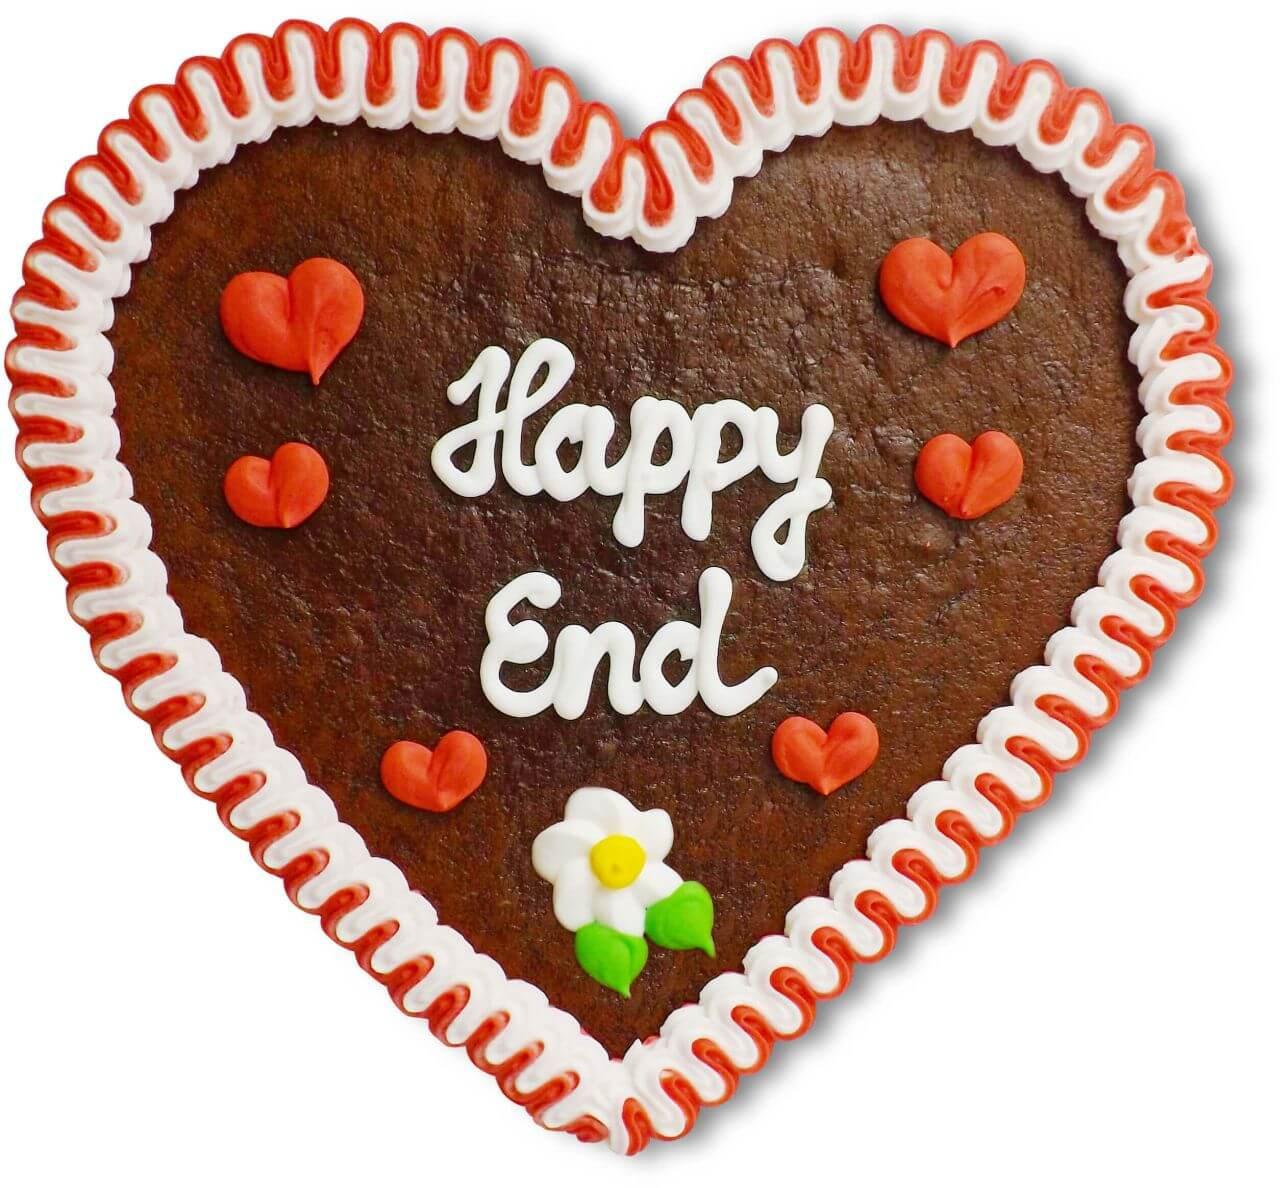 GanzkeuRpermassage Mit Happy End